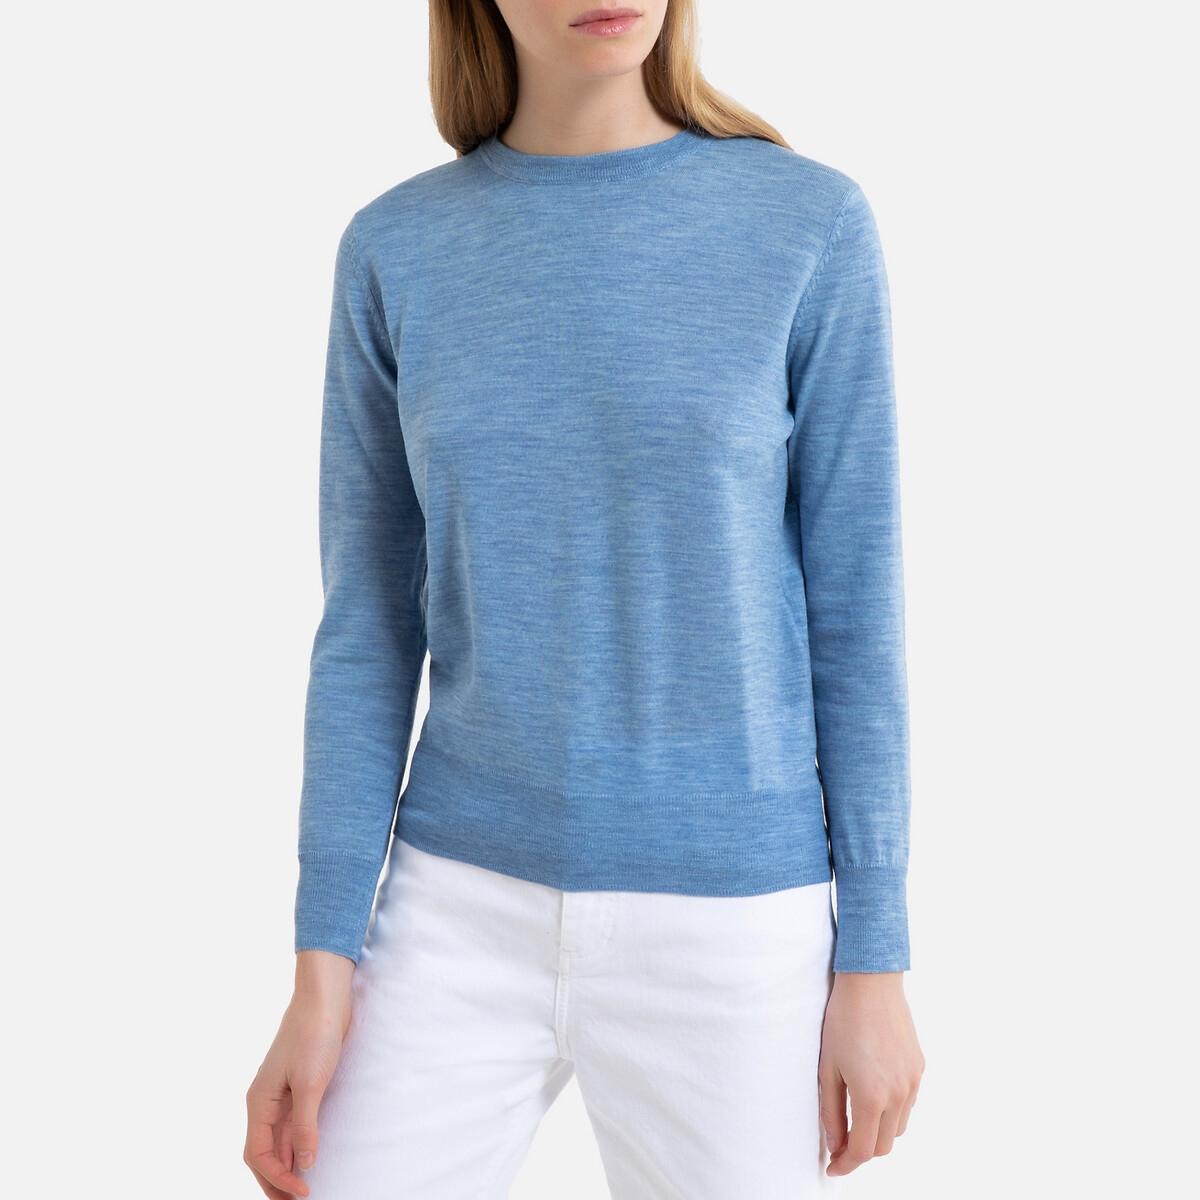 Пуловер La Redoute Из шерсти с круглым вырезом из тонкого трикотажа MARCELLO S синий пуловер la redoute с круглым вырезом из тонкого трикотажа m красный